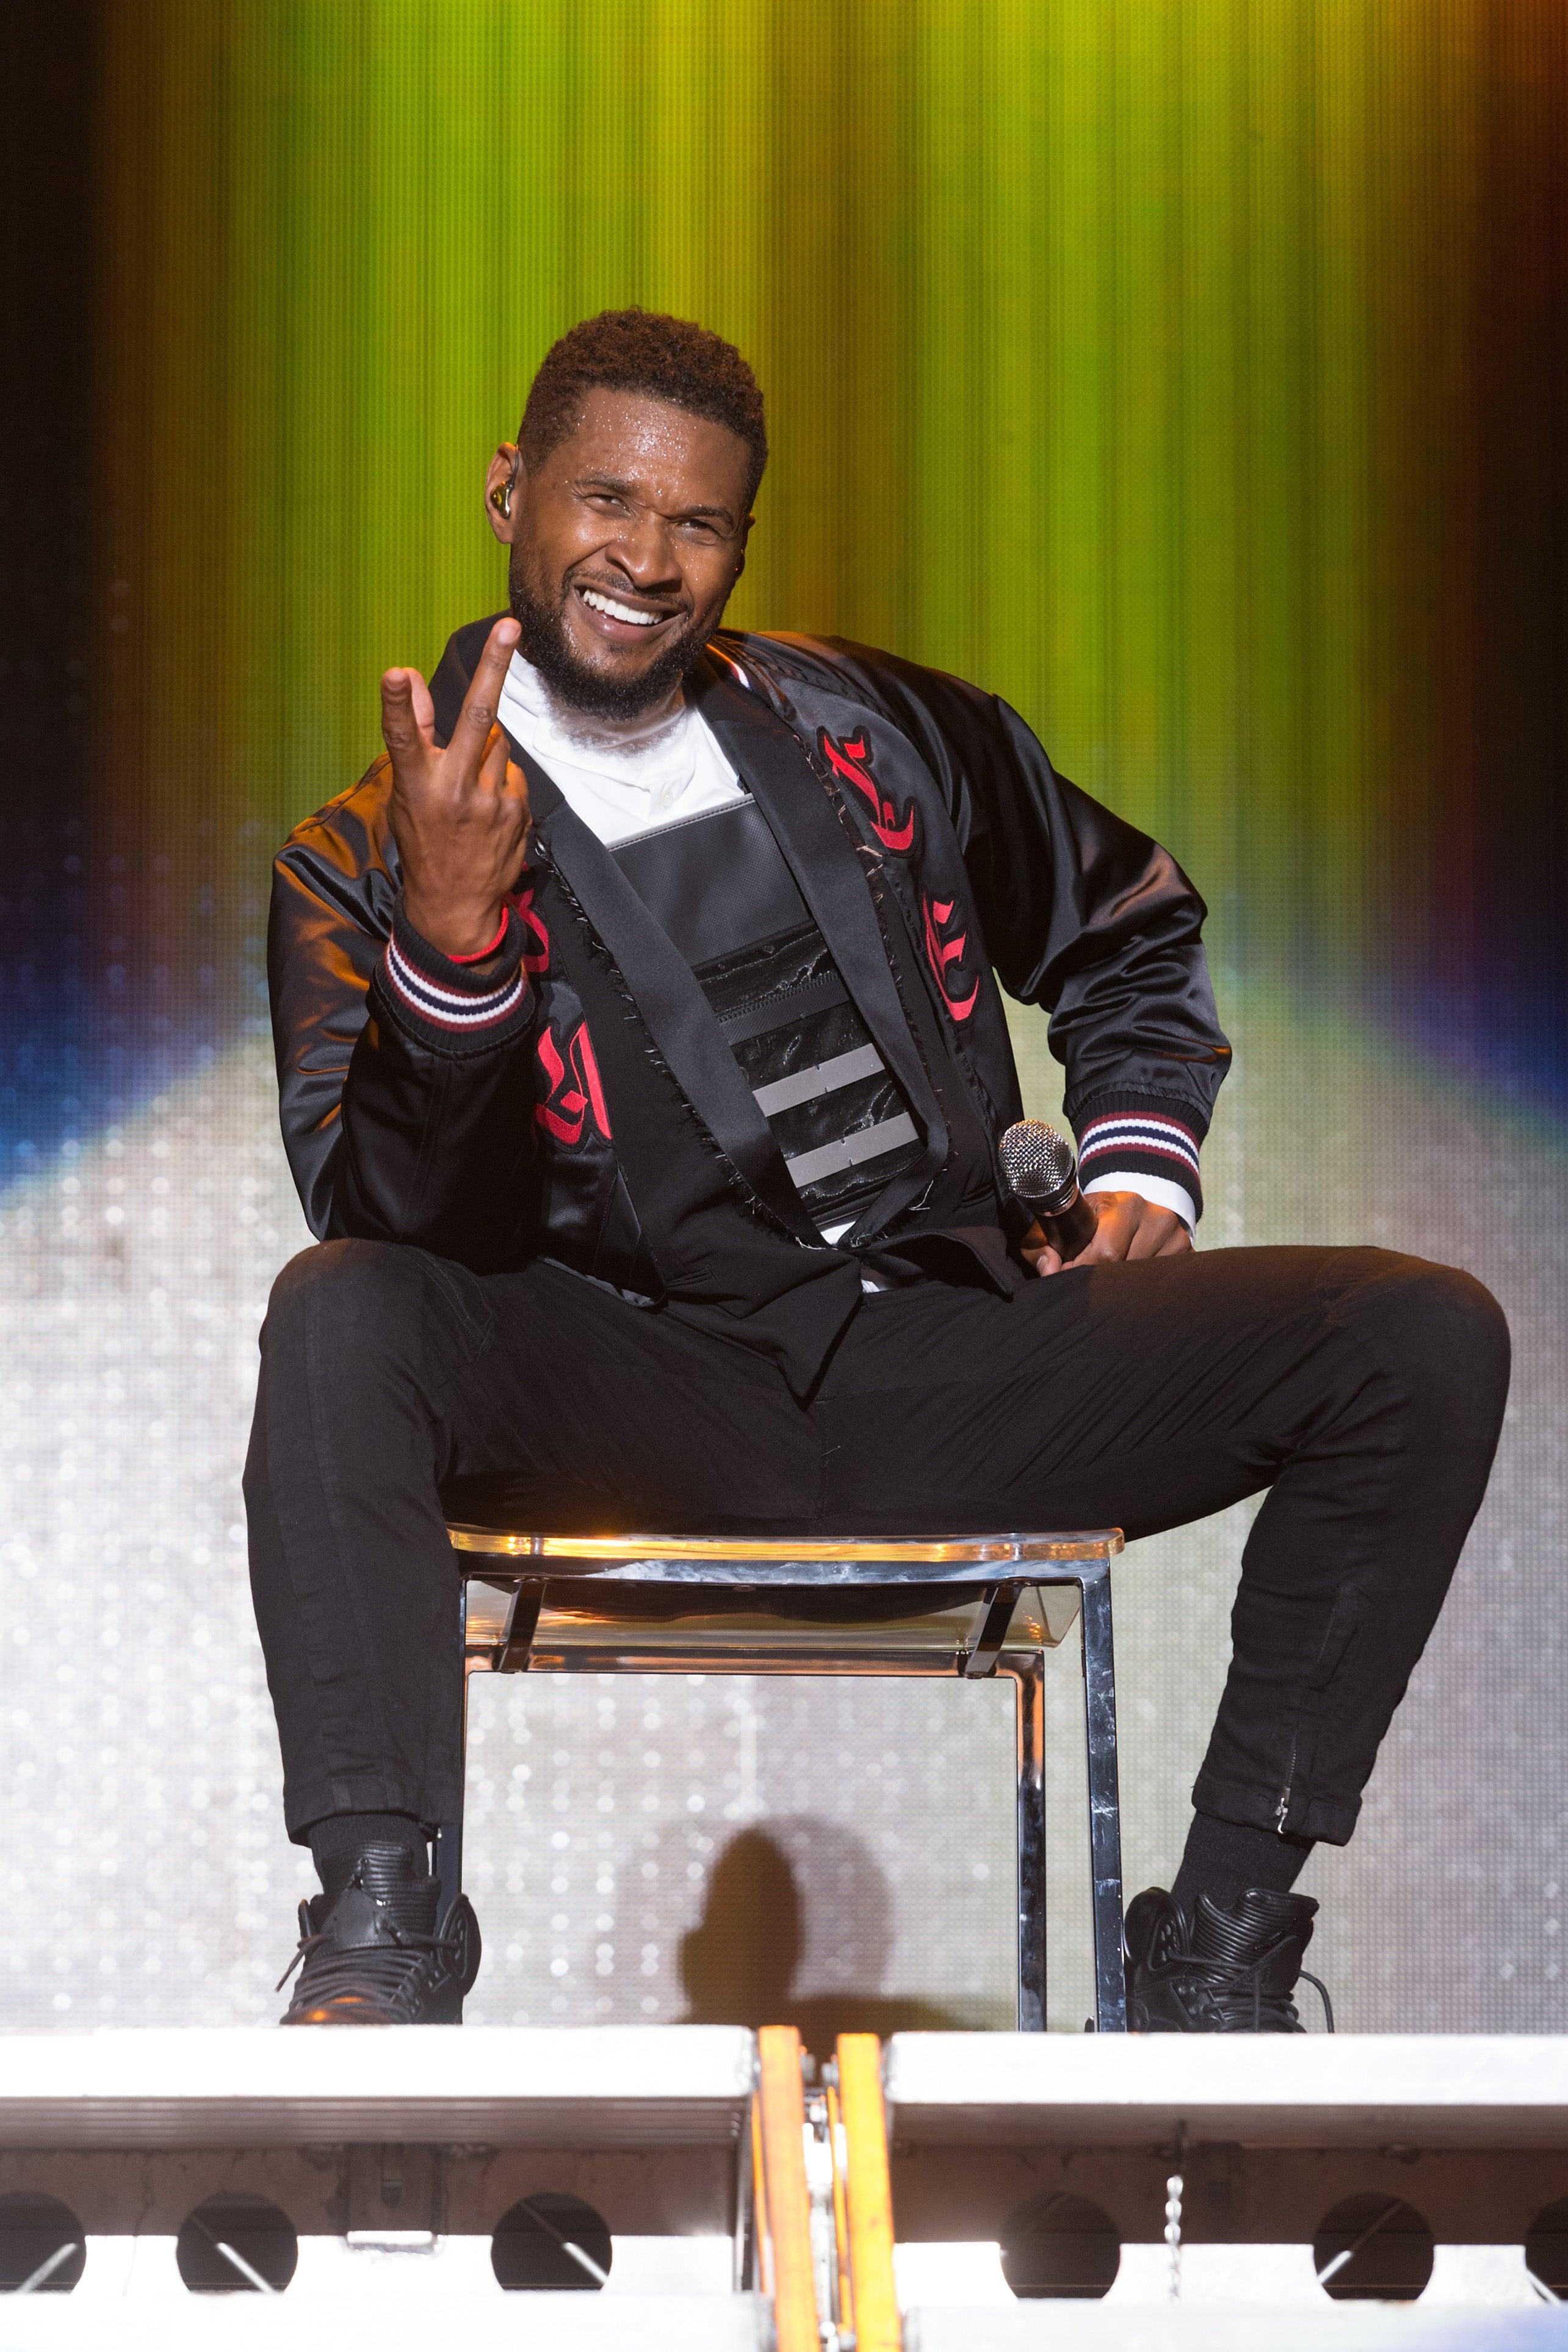 Songwriter Awarded $44 Million in Lawsuit Over Usher's Hit Song